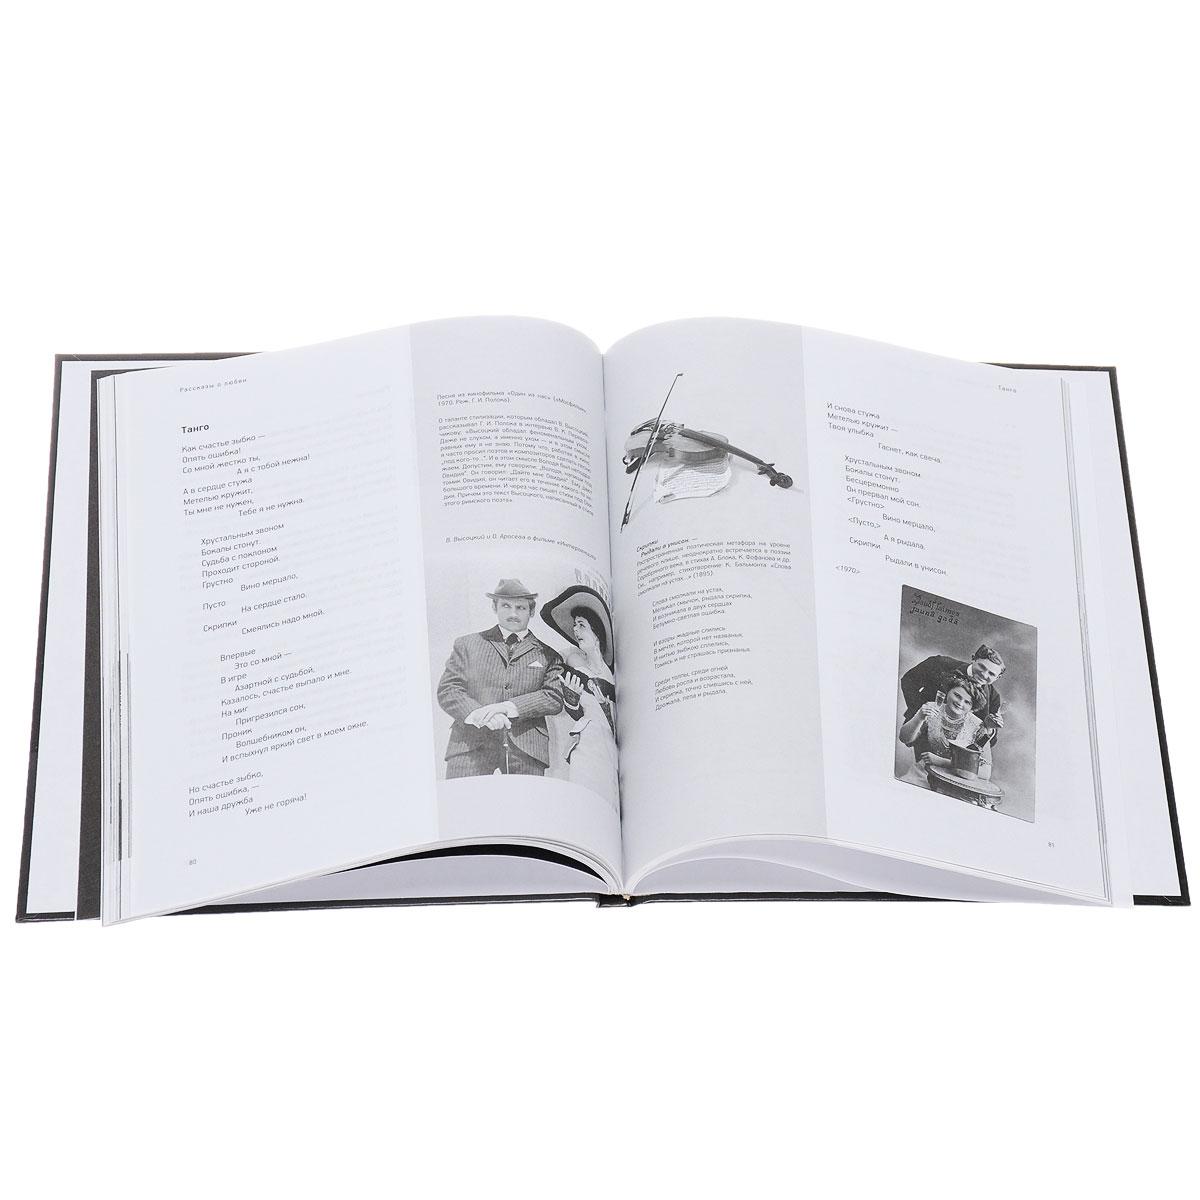 Владимир Высоцкий. Собрание сочинений (подарочный комплект из 11 книг + 11 CD)